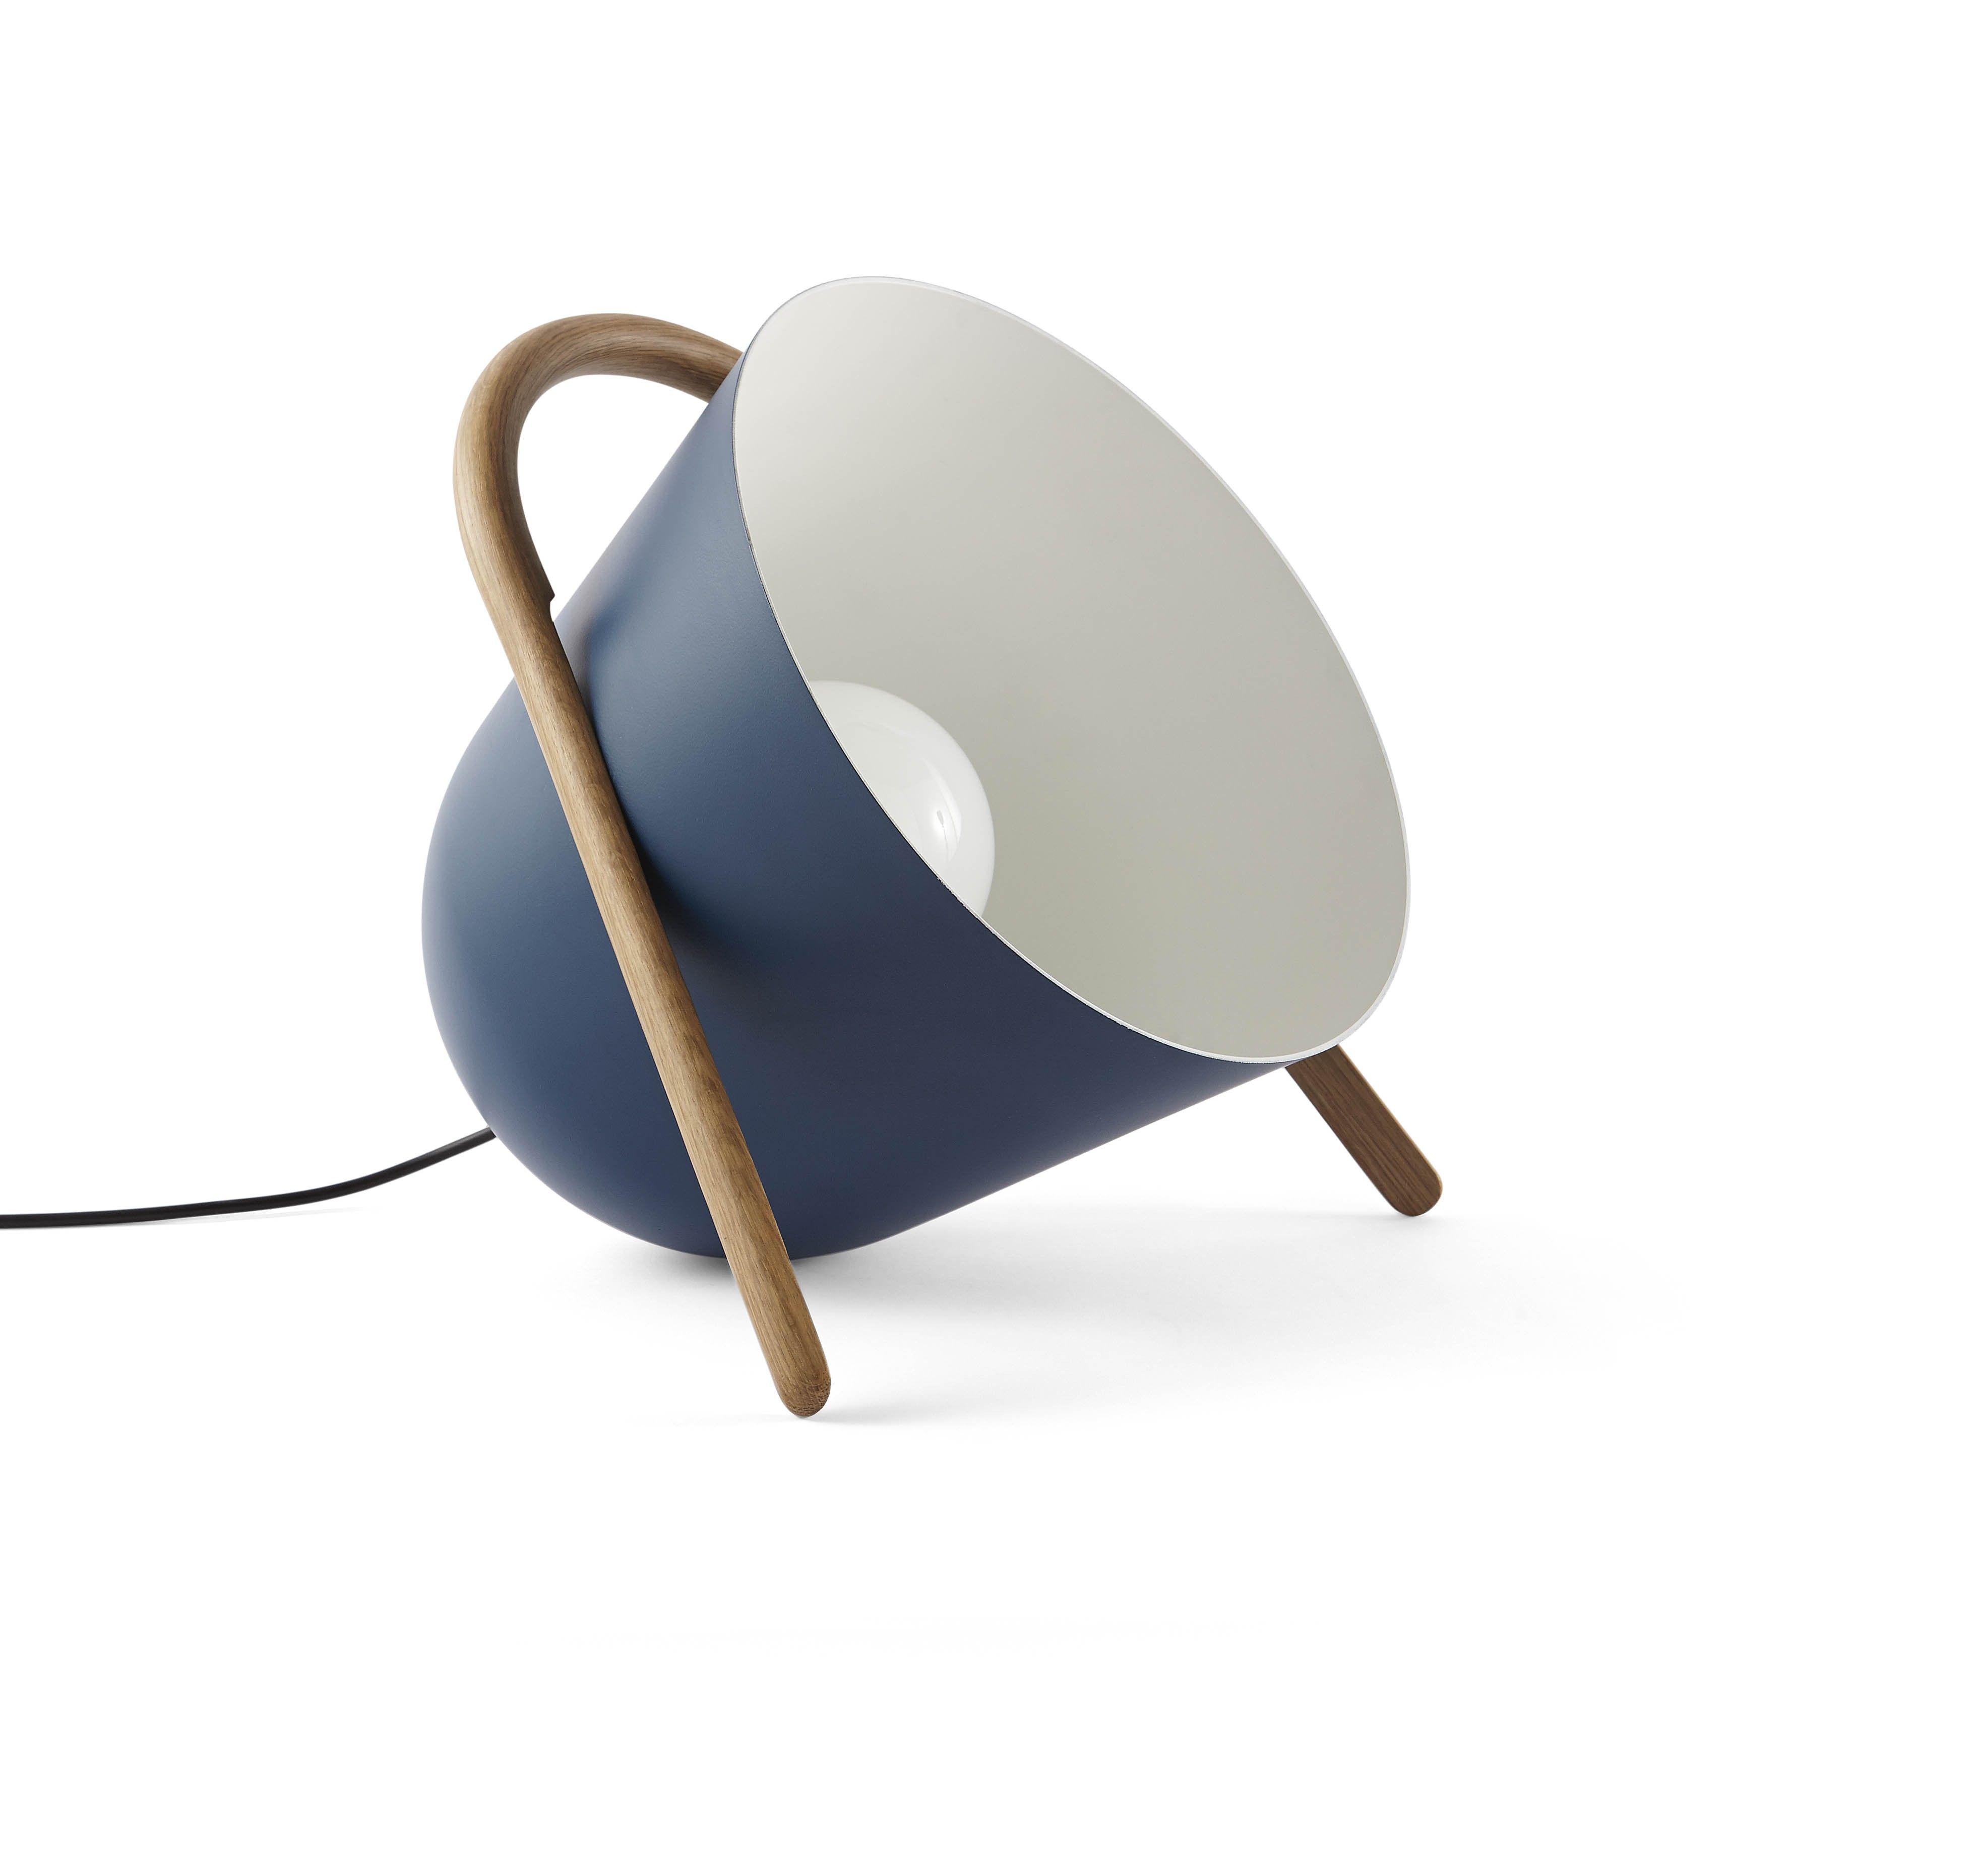 Lampe De Sol Elma Bleu Incipit Lab Llum Pinterest Lampe A